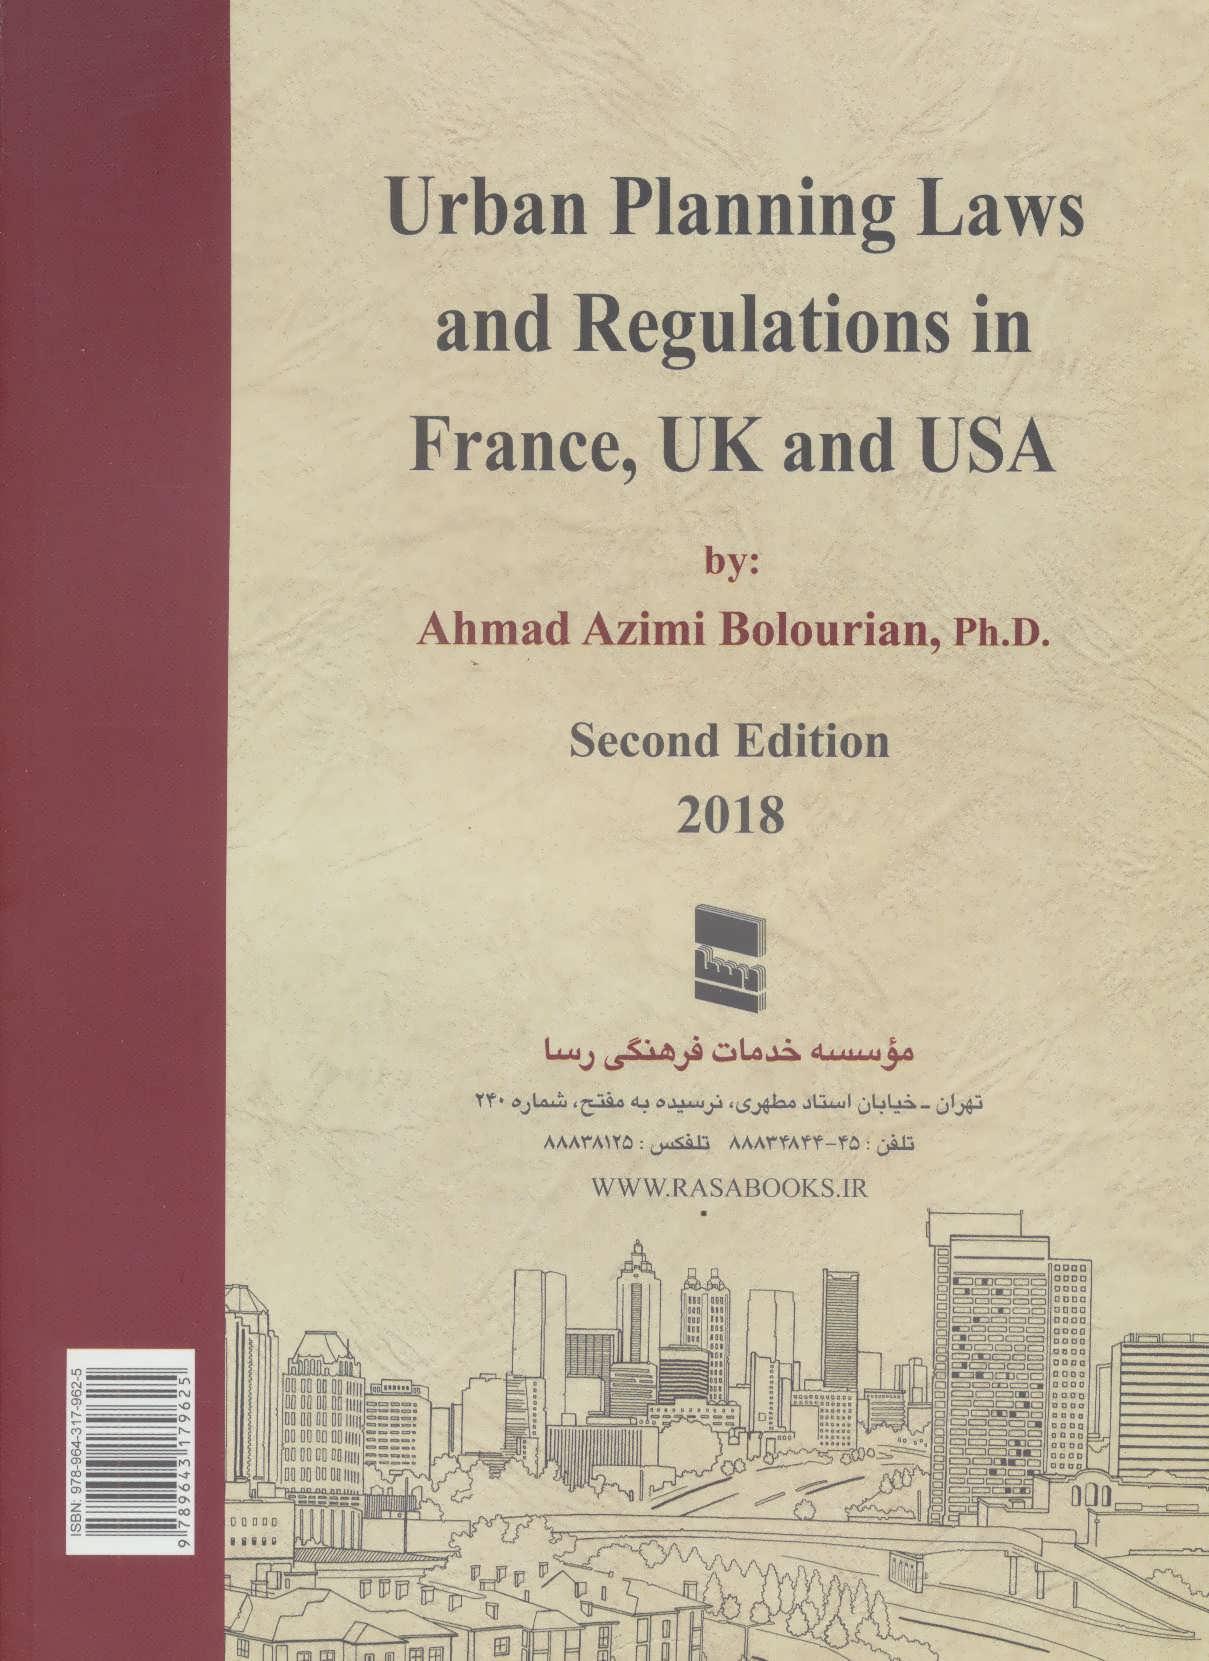 قوانین و مقررات شهر سازی در غرب (فرانسه،انگلستان و ایالات متحده آمریکا)